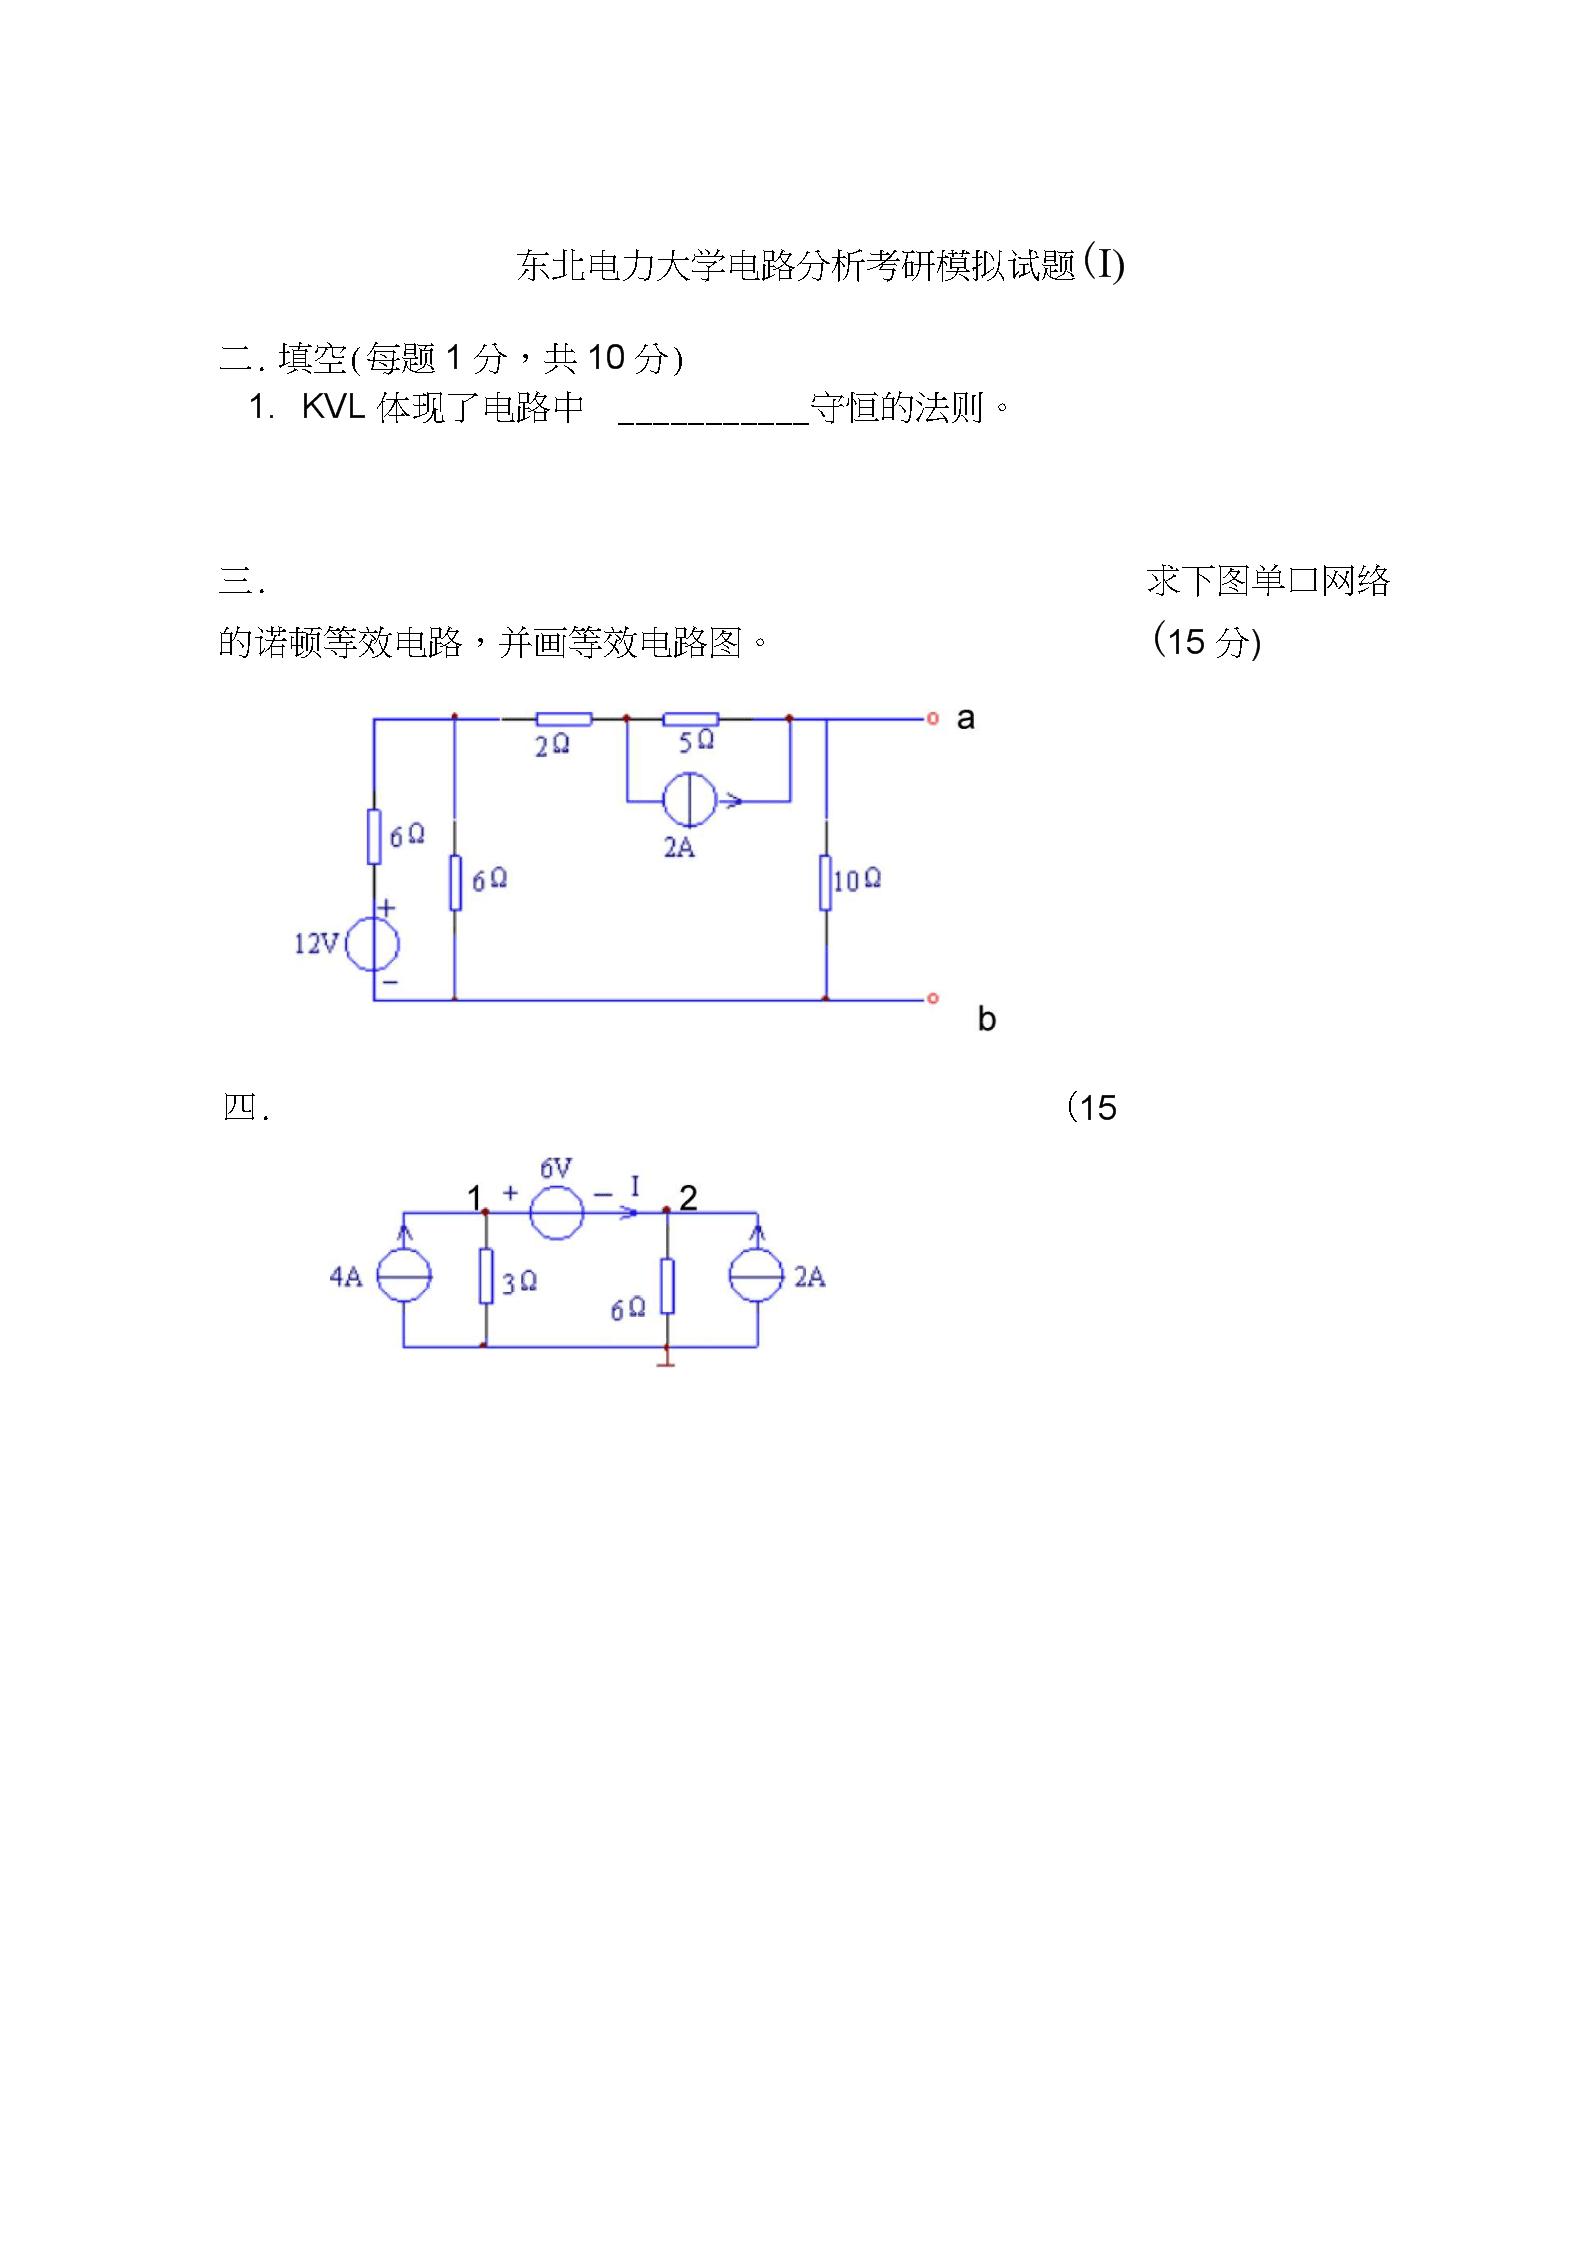 东北电力大学电路分析考研模拟试题3套及答案.docx